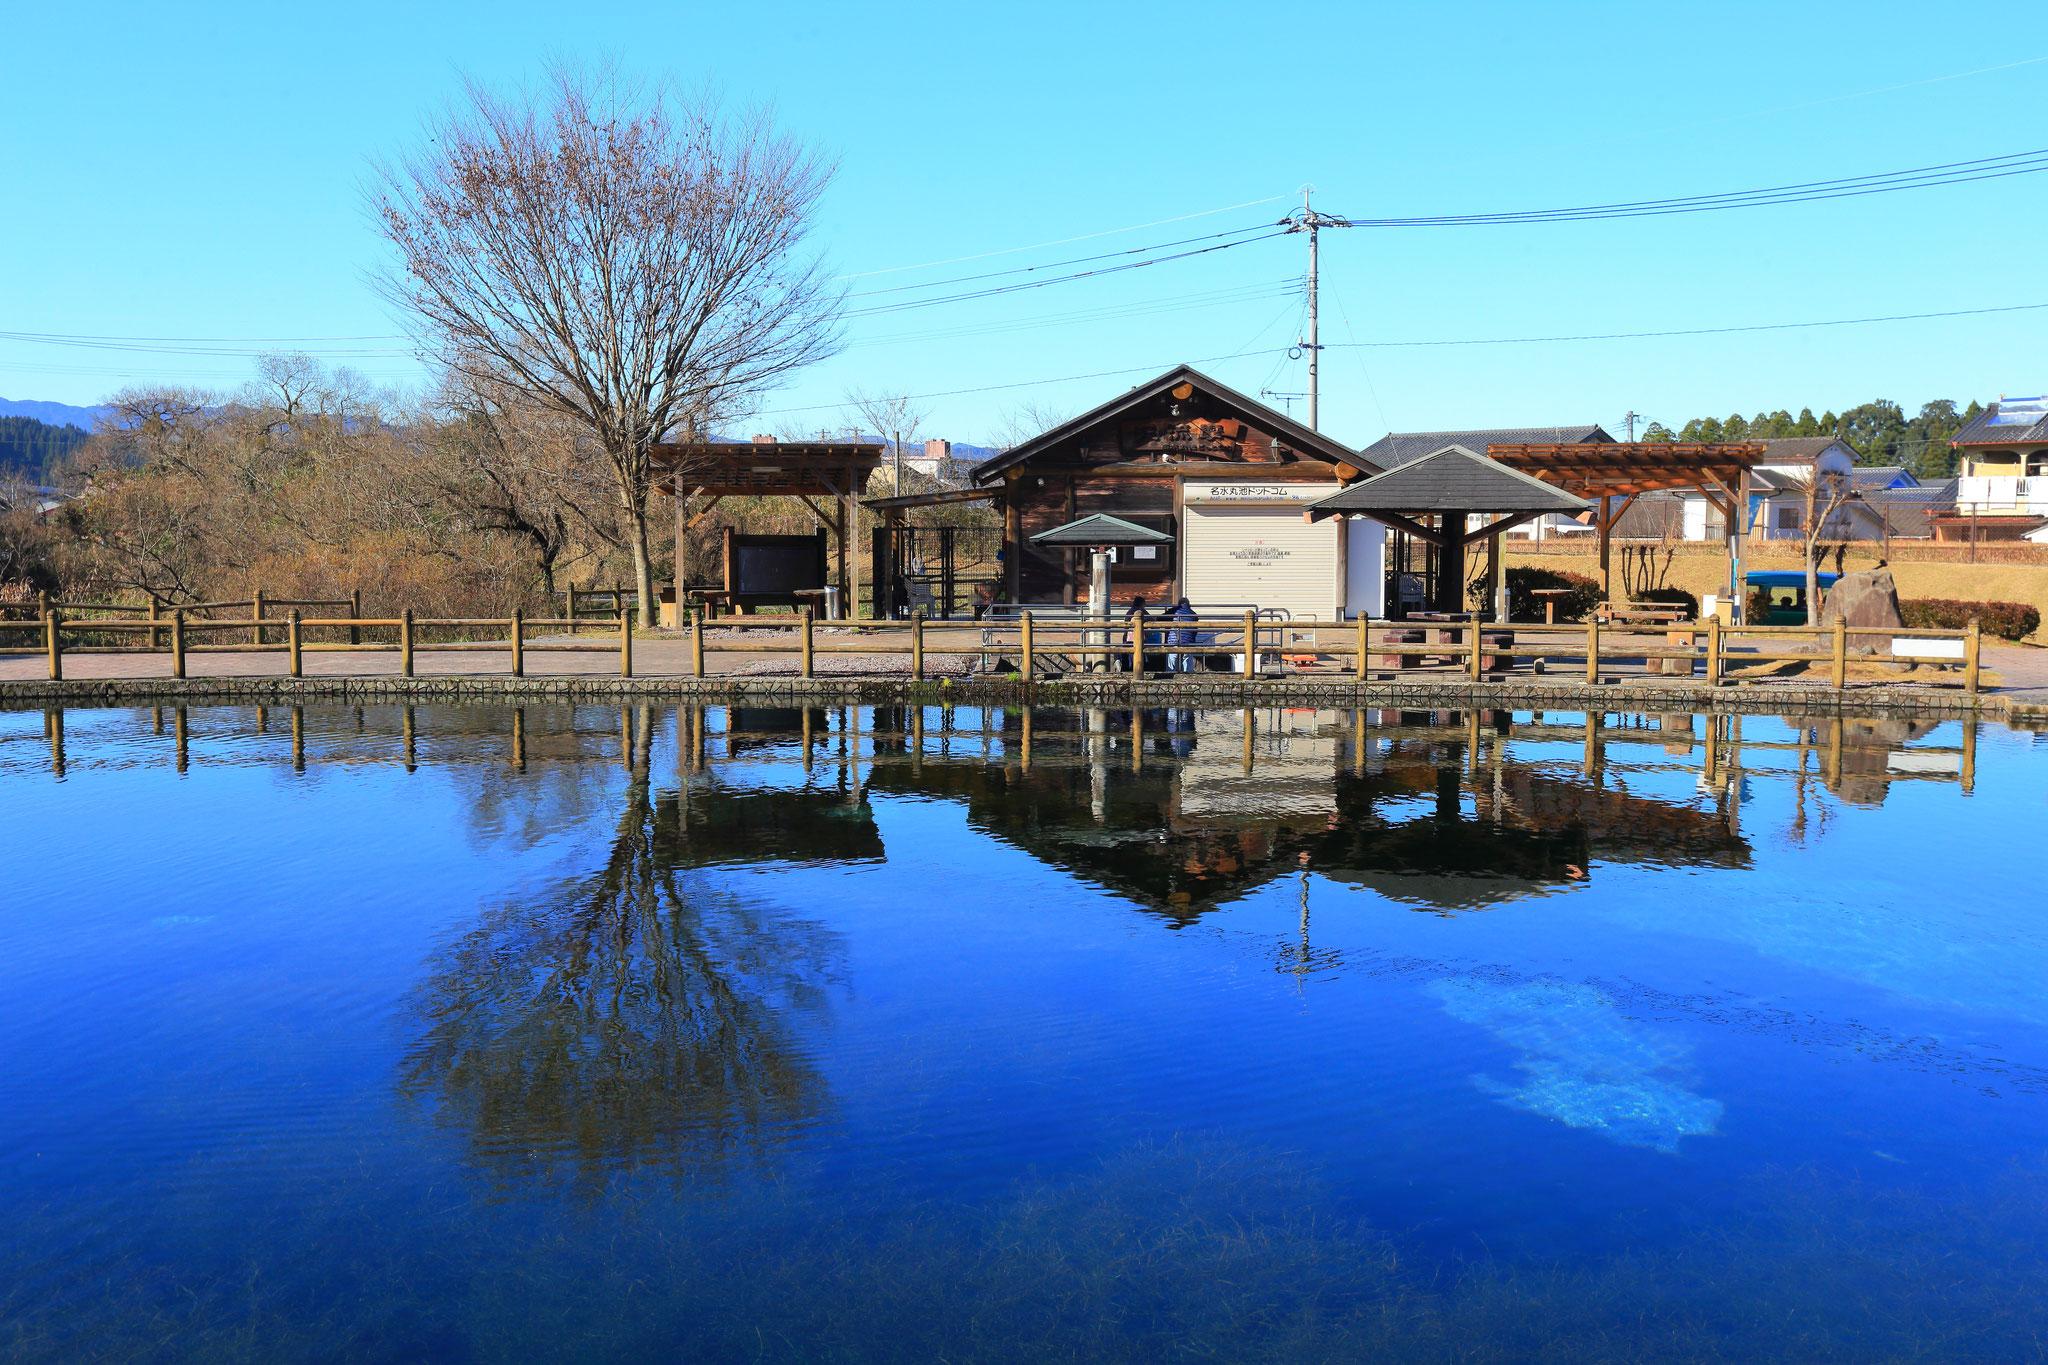 綺麗な池が有名の丸池公園(姶良郡湧水町)